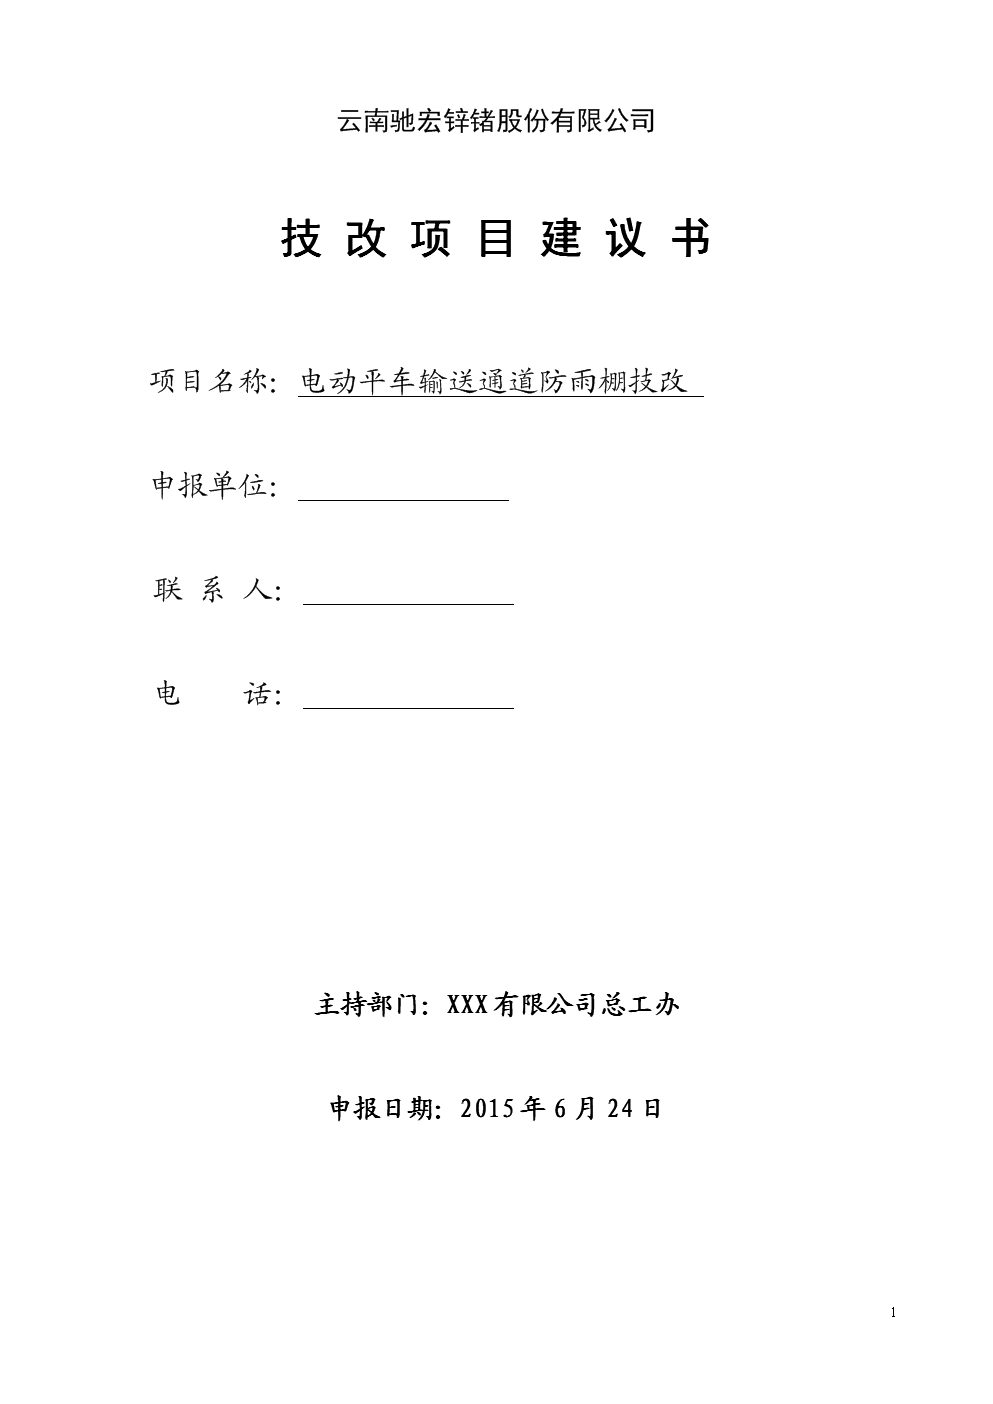 电动平车输送通道防雨棚技改项目建议书.doc